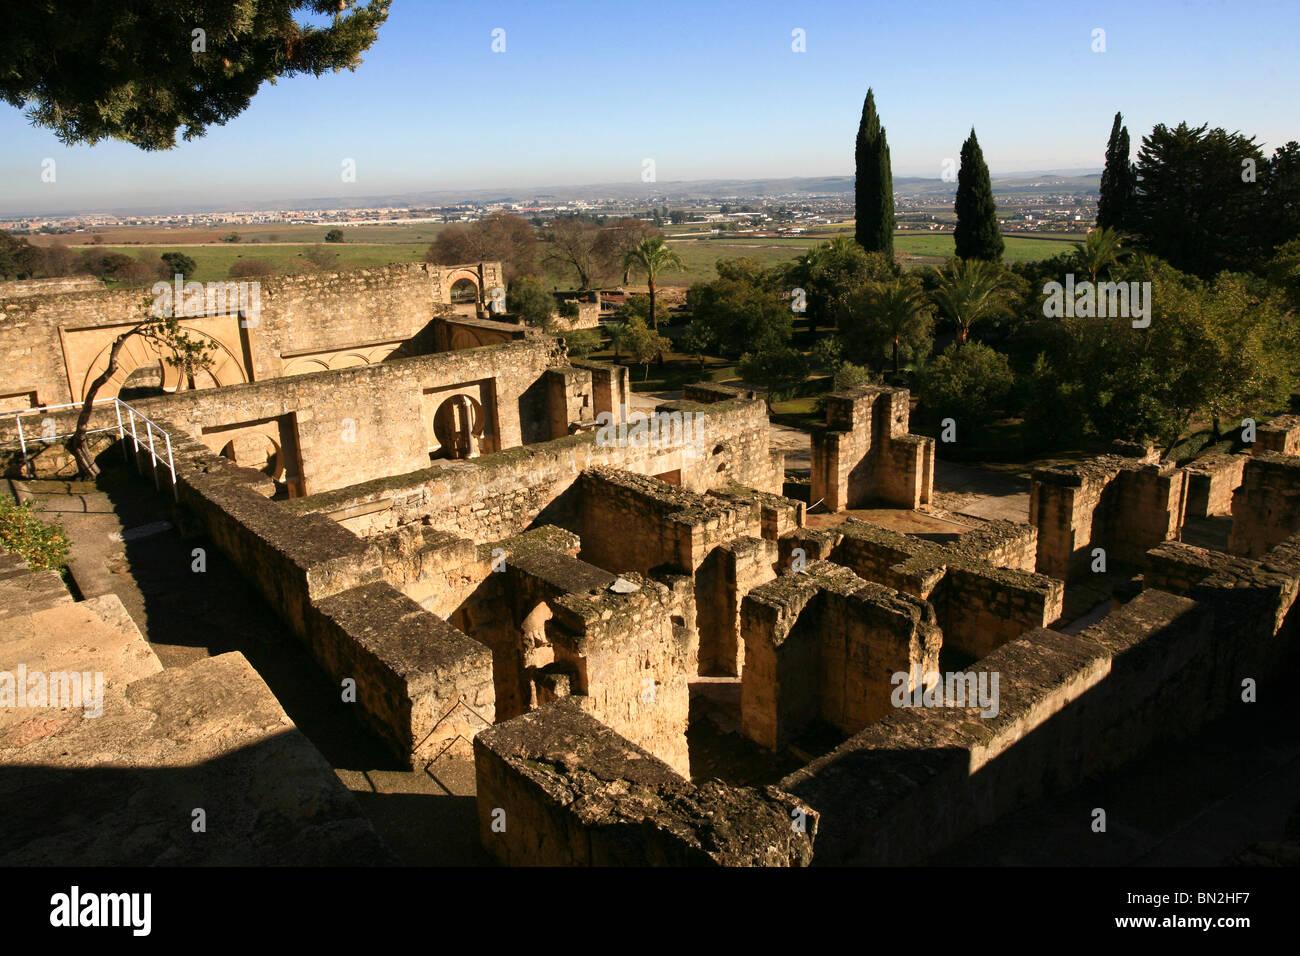 Spain, Andalusia, The ruins of Medina azahara (Al Madinah al-Zahra), near the city Cordova, - Stock Image